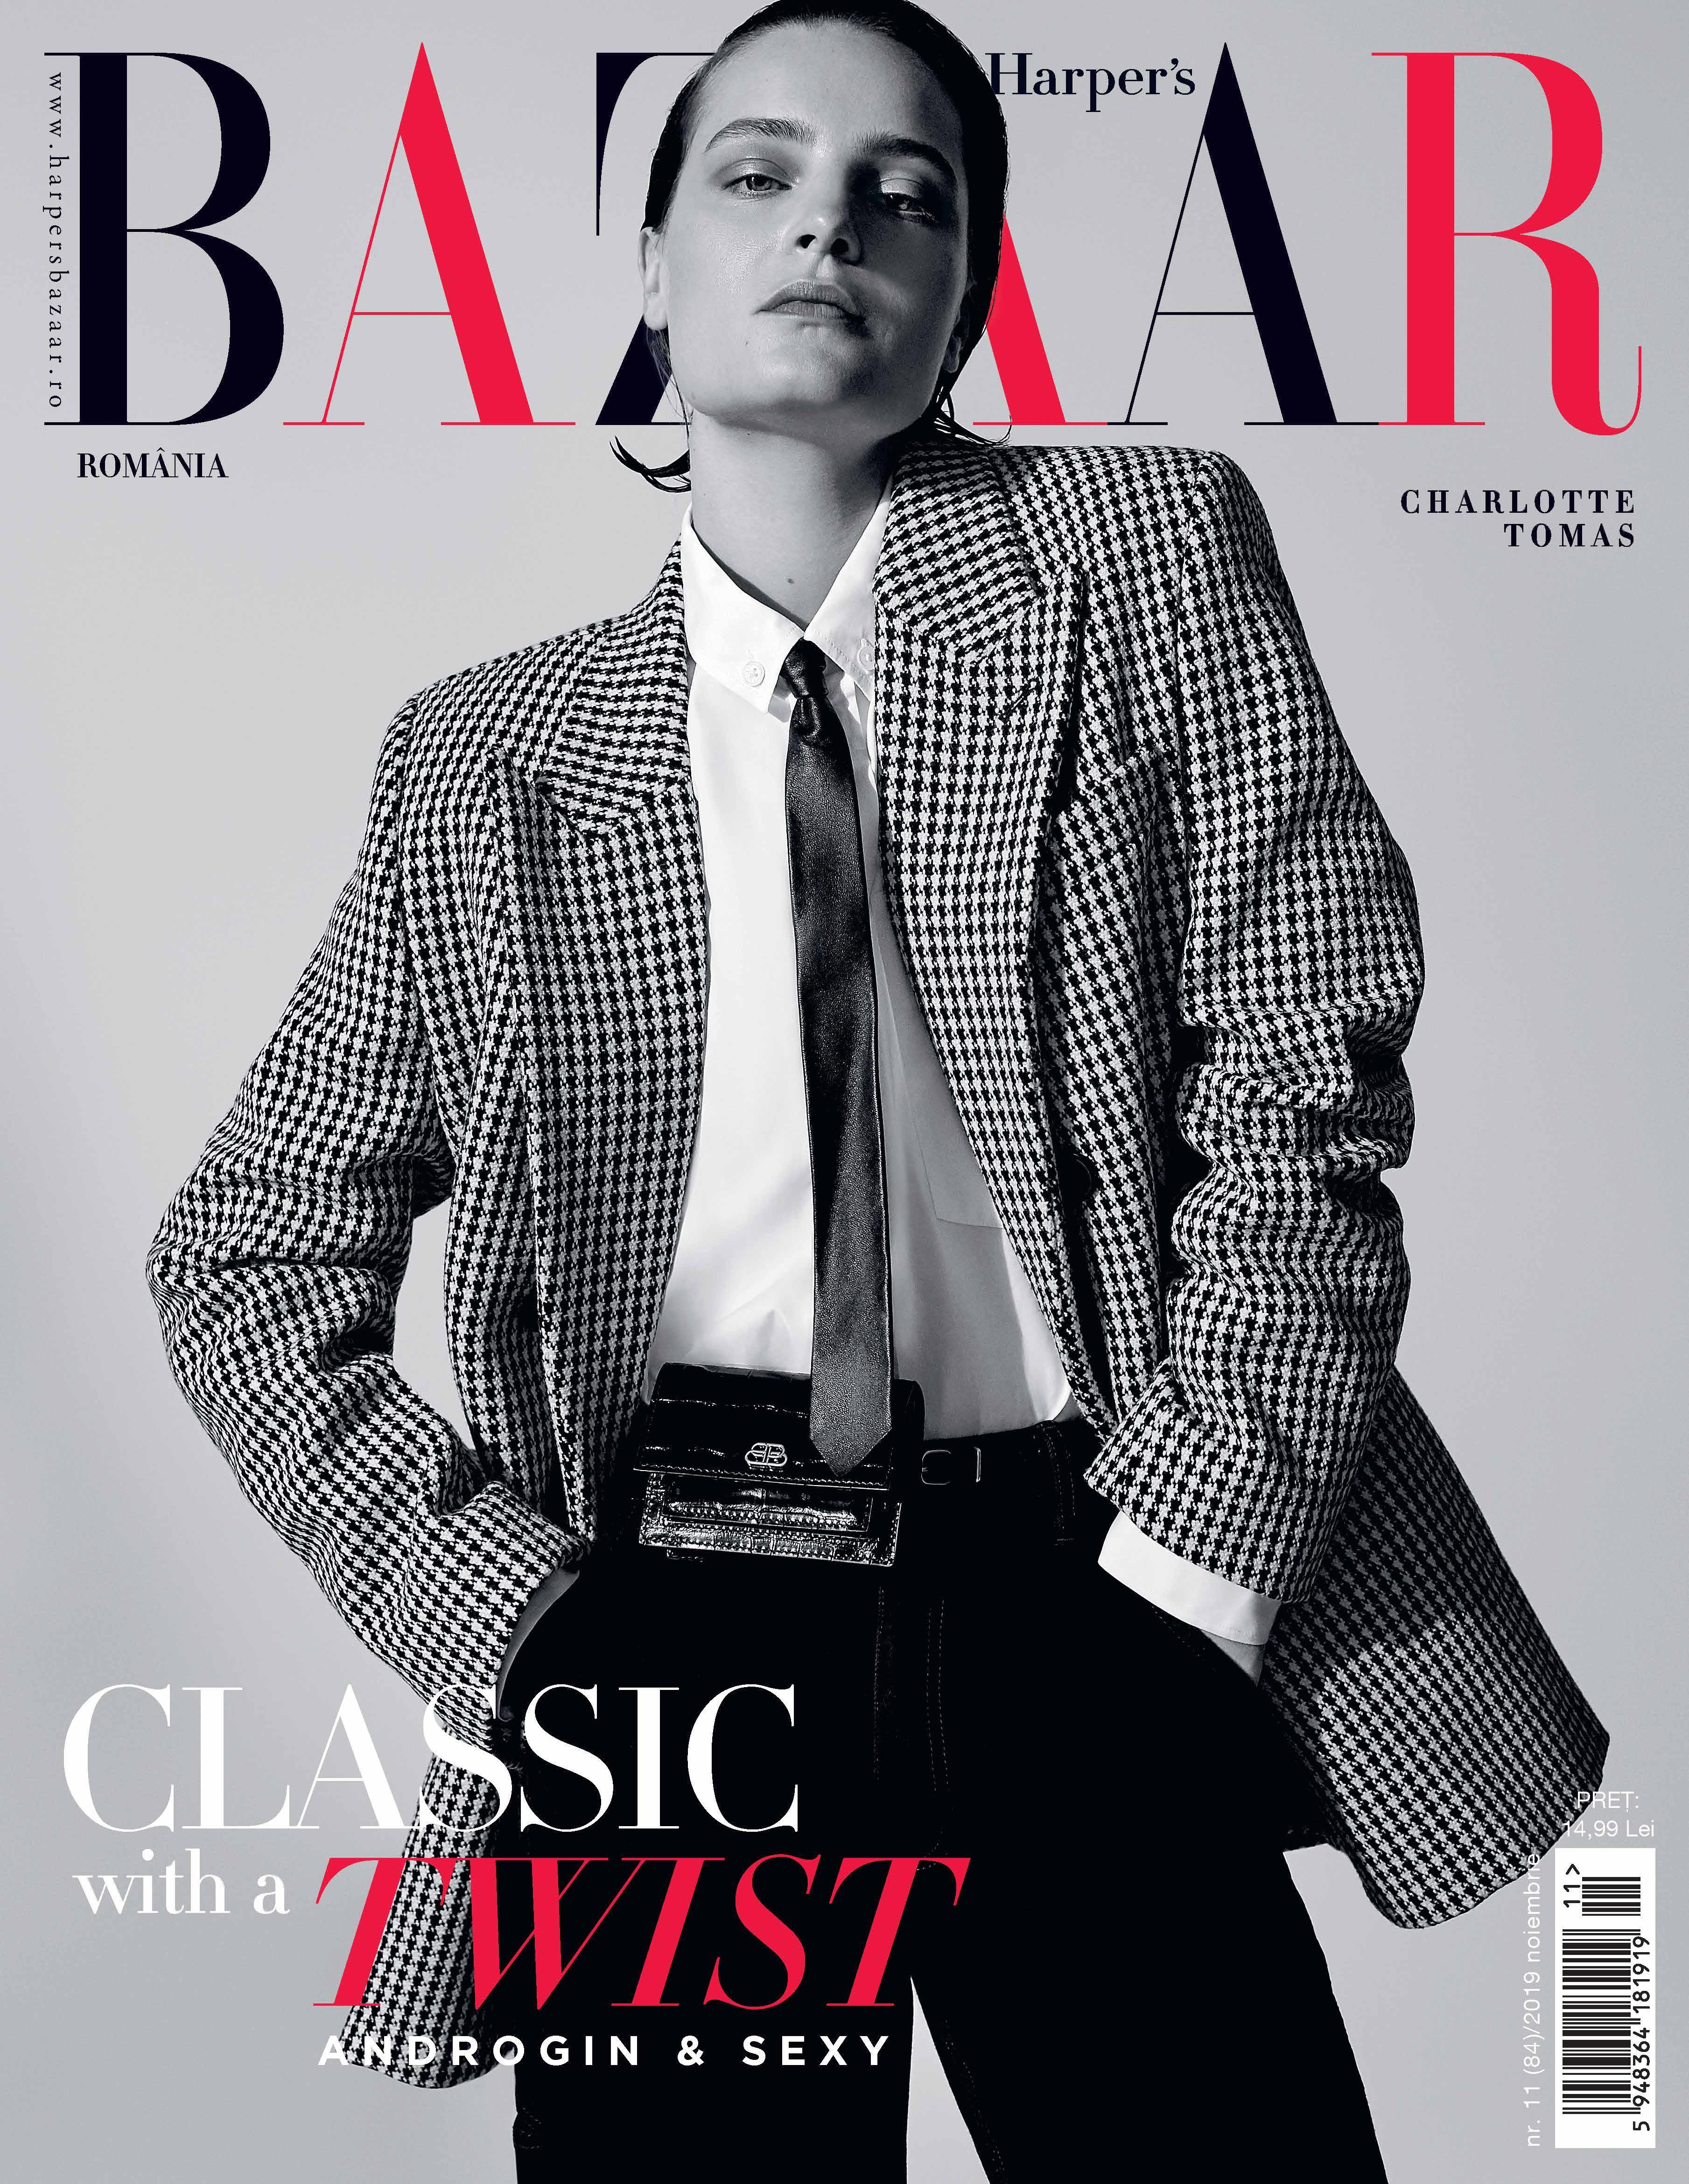 Harper's Bazaar 11-2019 vers 1